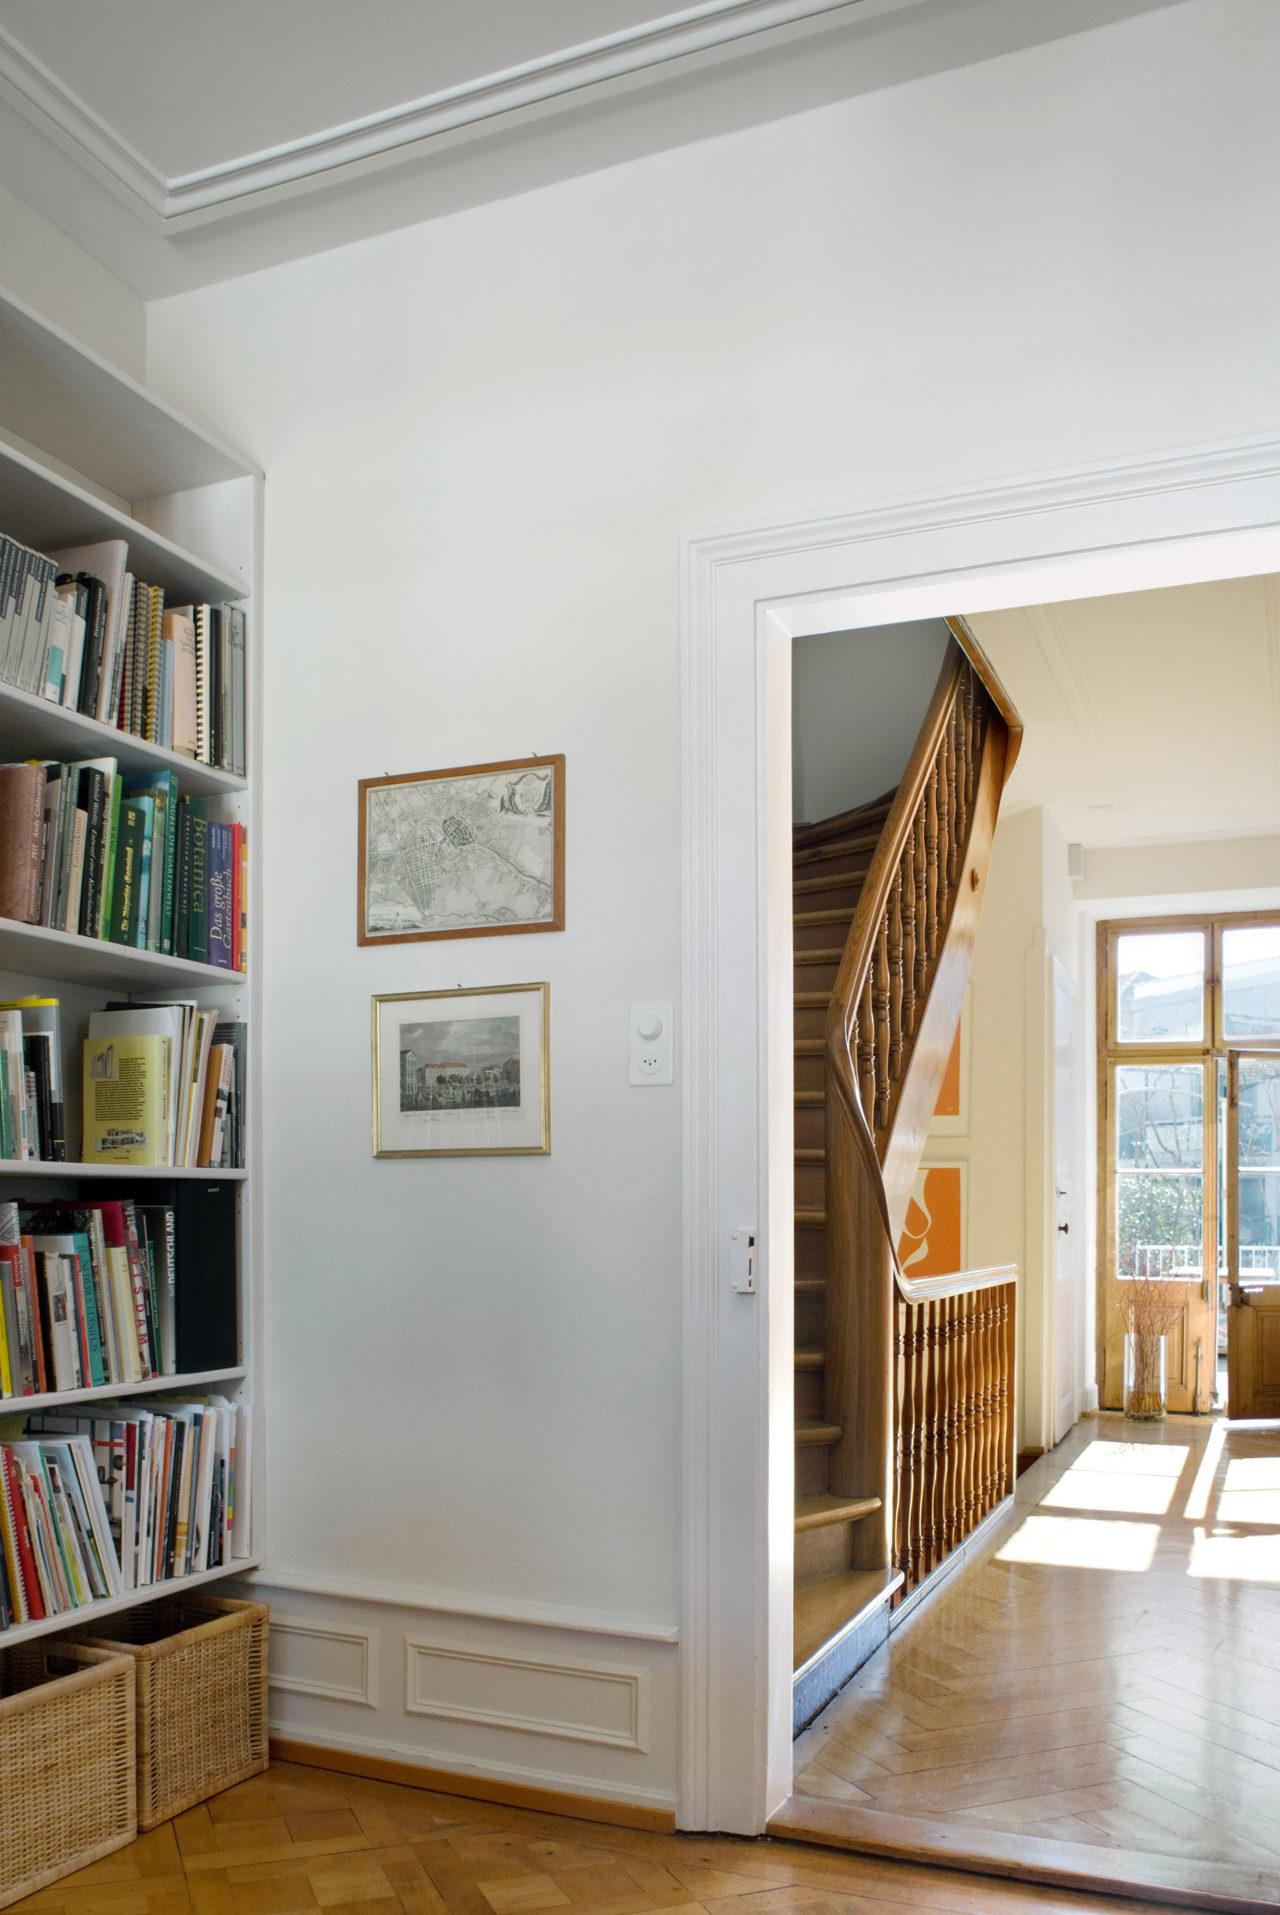 Bibliothek im 1.Obergeschoss nach Umbau und Ausbau von Architekturbüro Forsberg in Basel